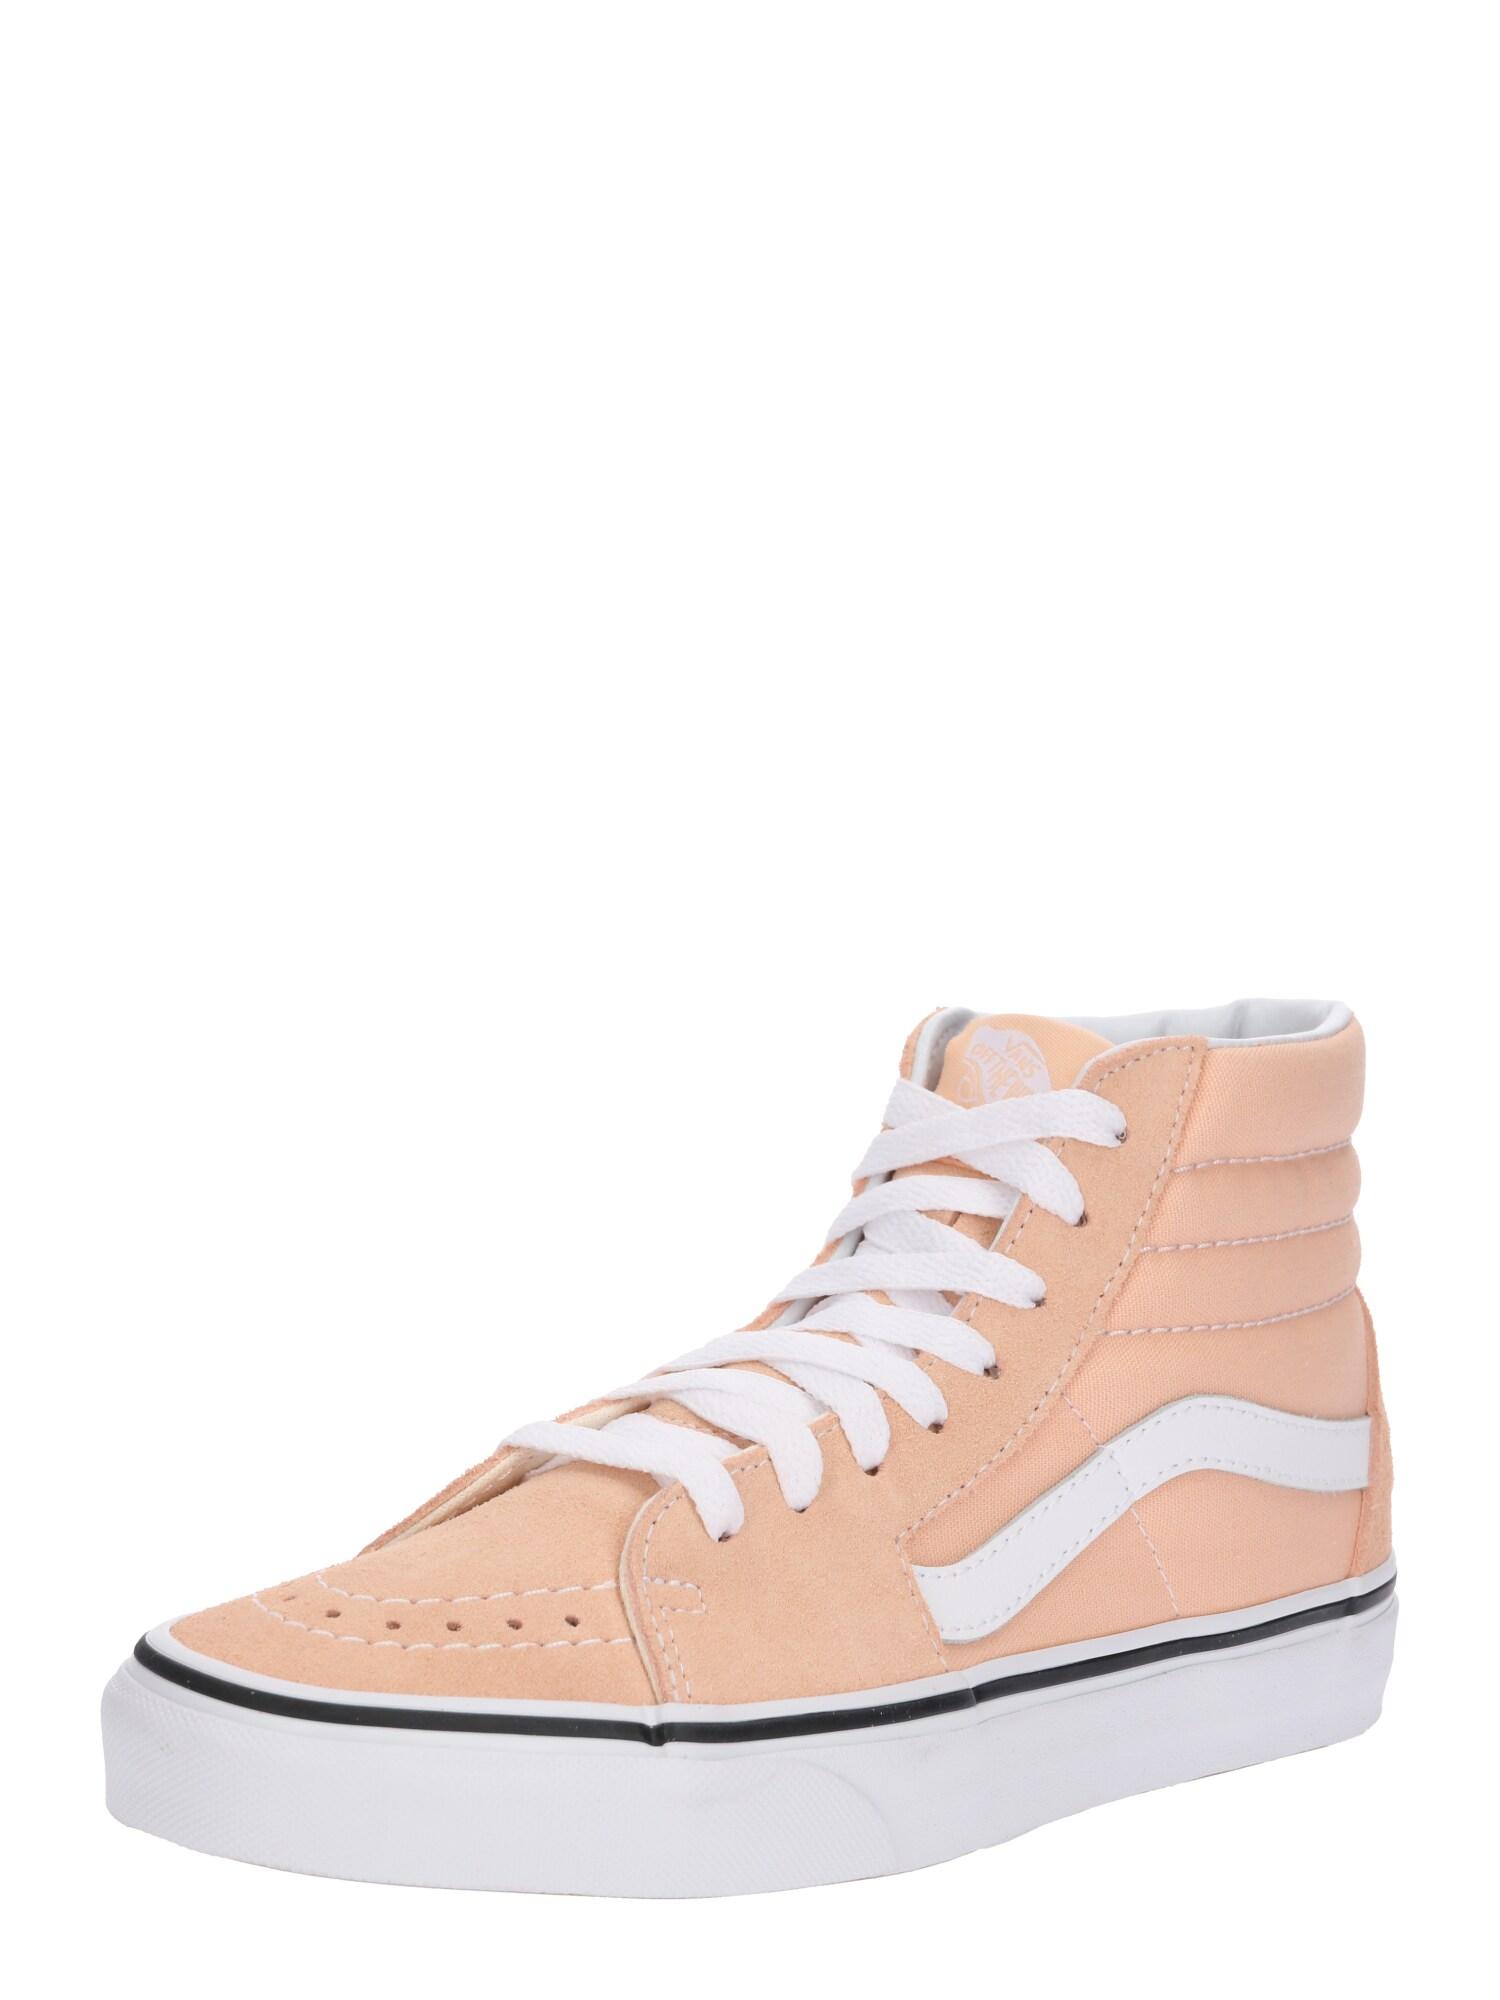 VANS, Heren Sneakers hoog 'Sk8-Hi', abrikoos / wit